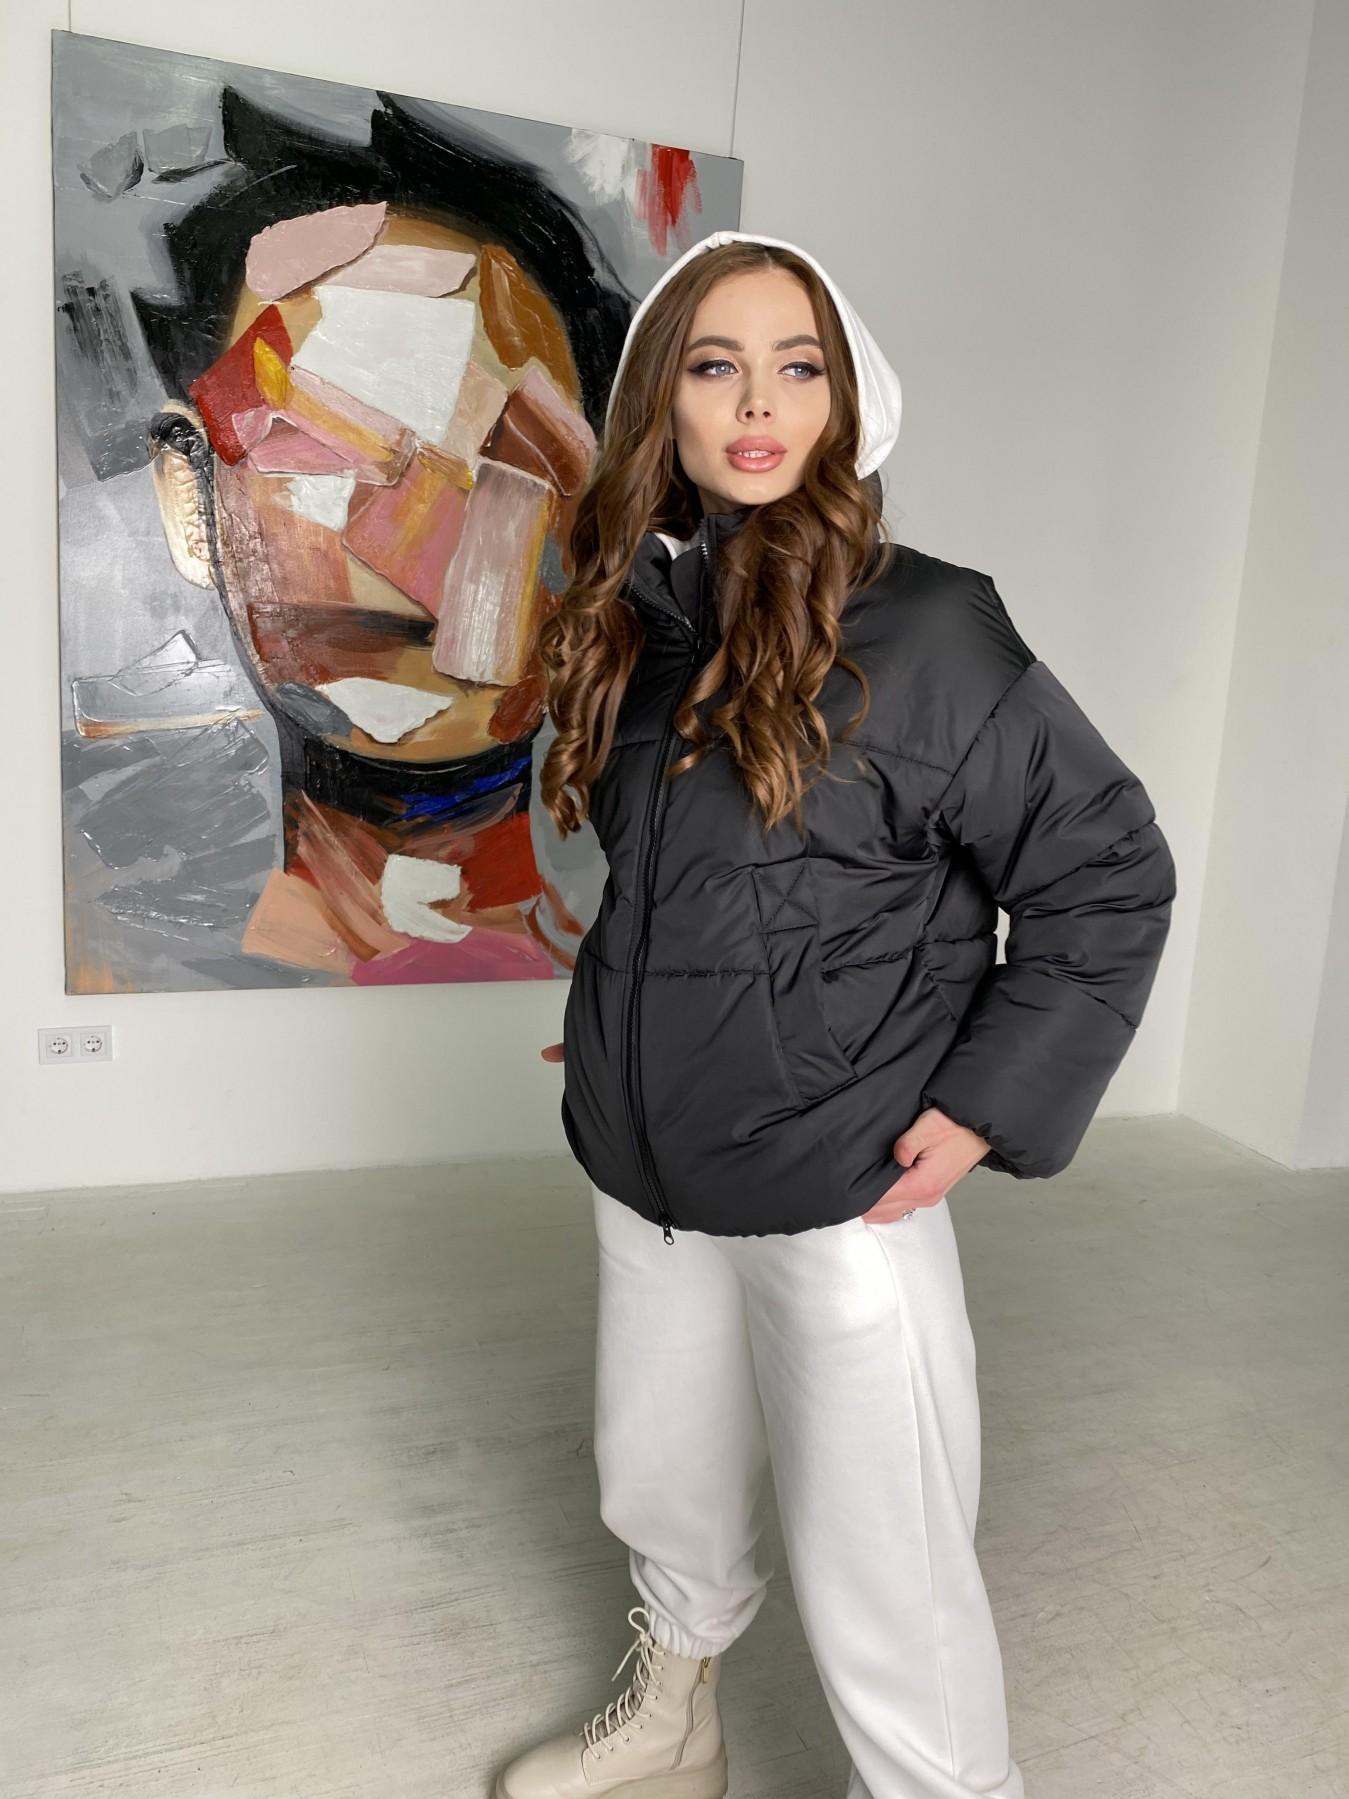 Муд куртка из плащевой ткани 10509 АРТ. 46854 Цвет: Черный - фото 5, интернет магазин tm-modus.ru